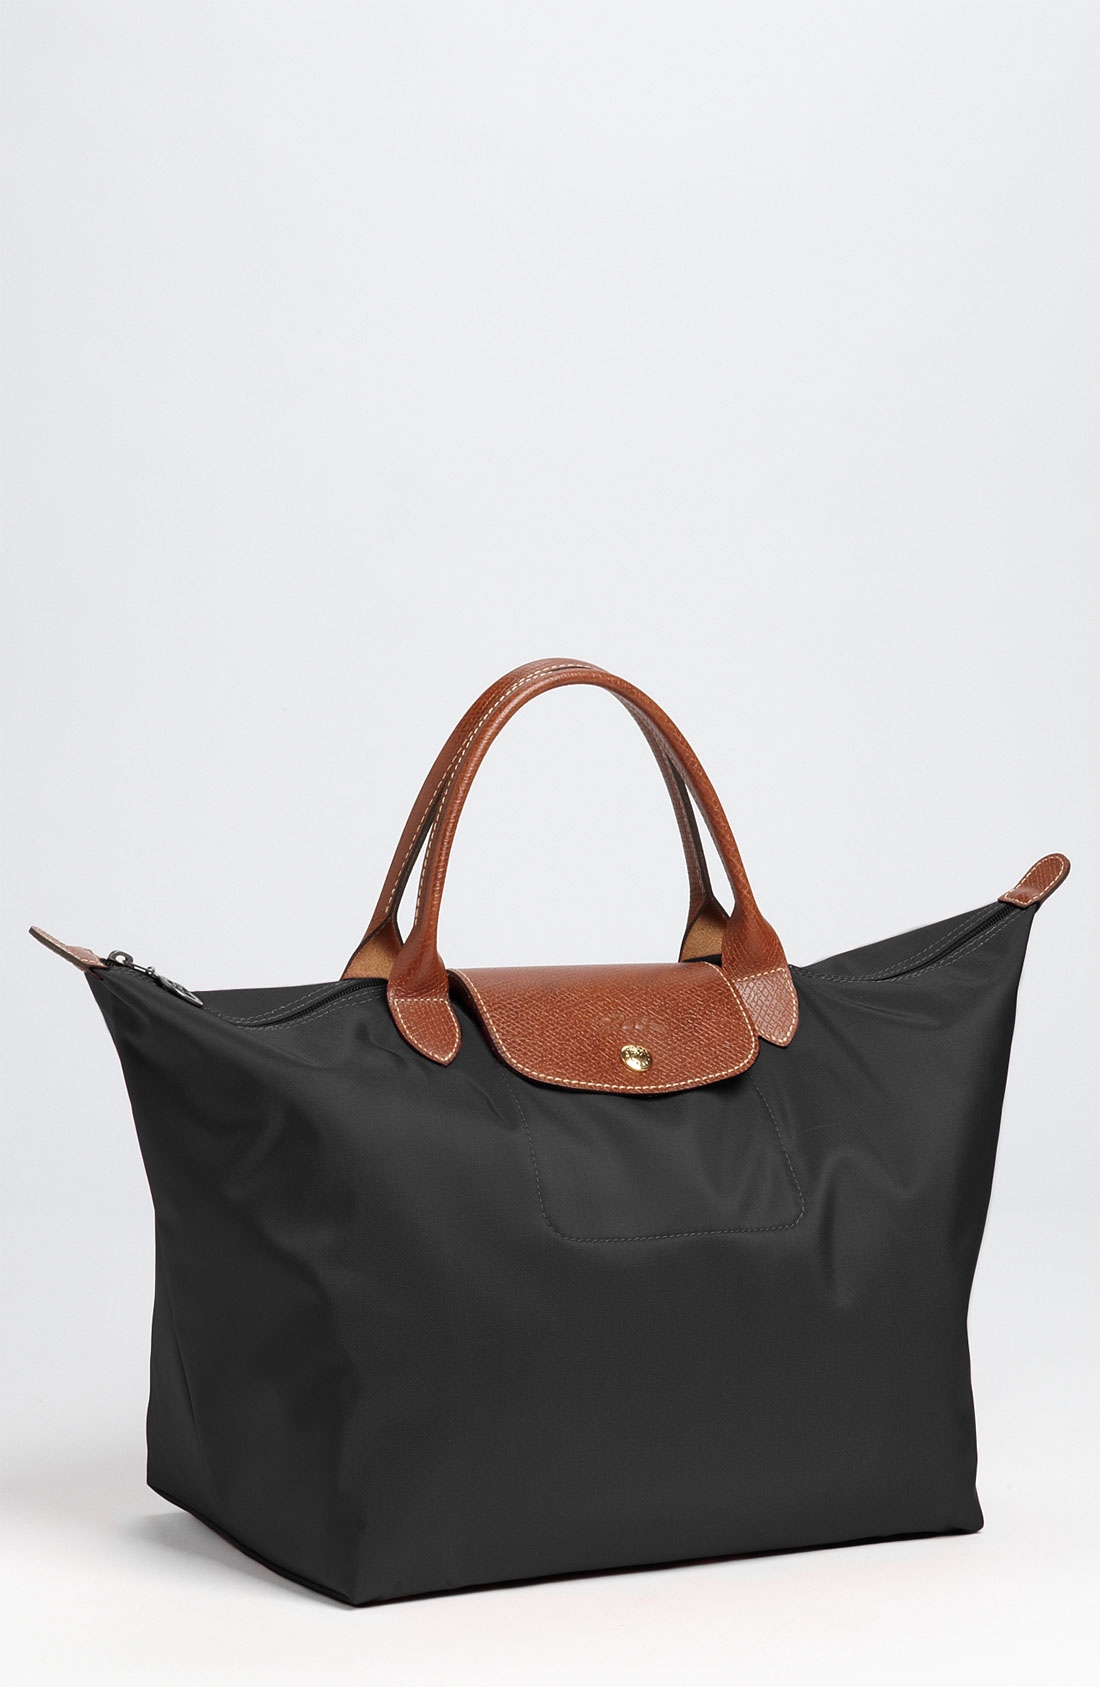 Longchamp Bag Le Pliage Size : Longchamp medium le pliage tote in black lyst